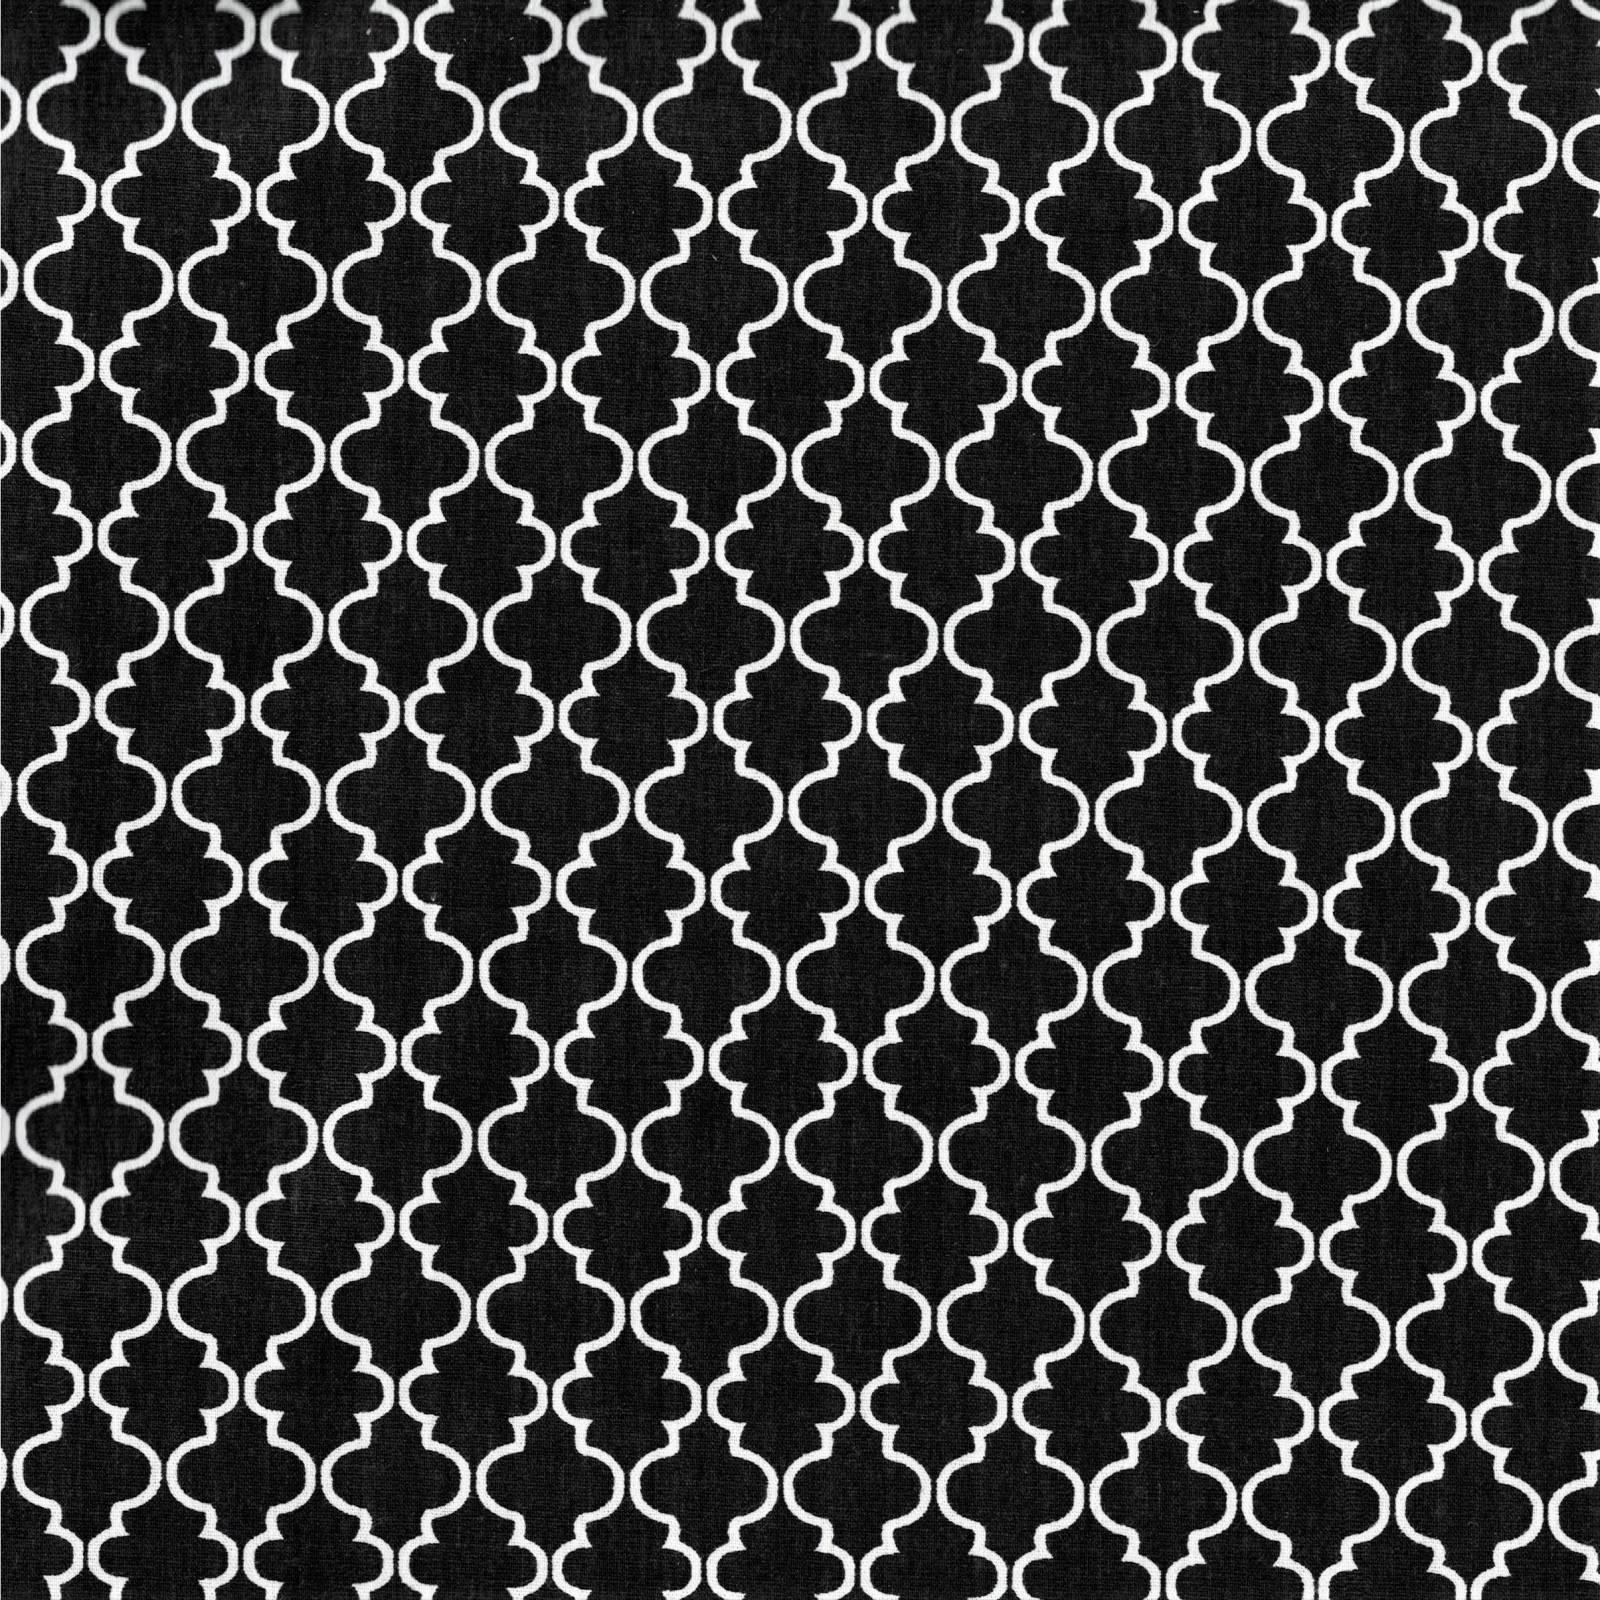 Ana Preto Com Branco Ref. 180581 Cor 13 Caldeira - Armarinhos Nodari